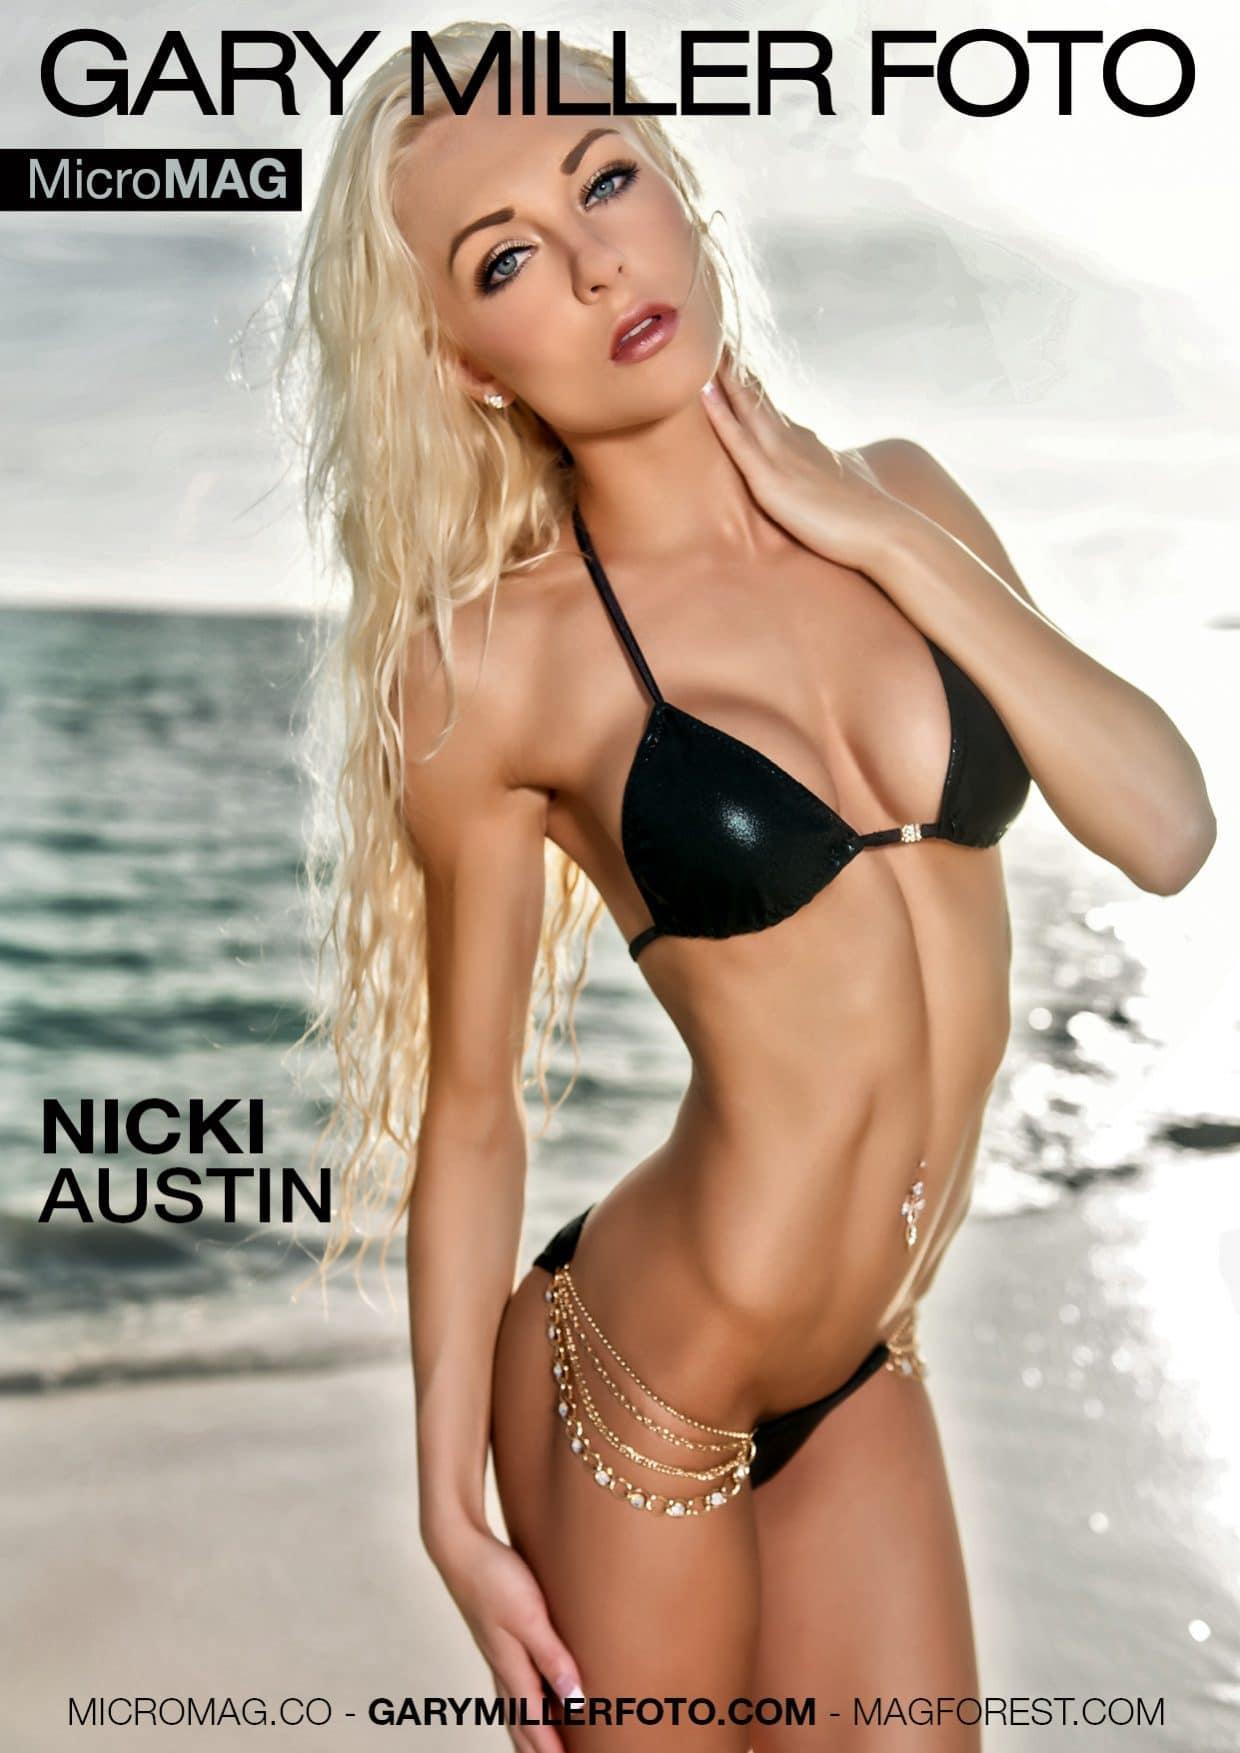 Gary Miller Foto MicroMag - Nicki Austin 1